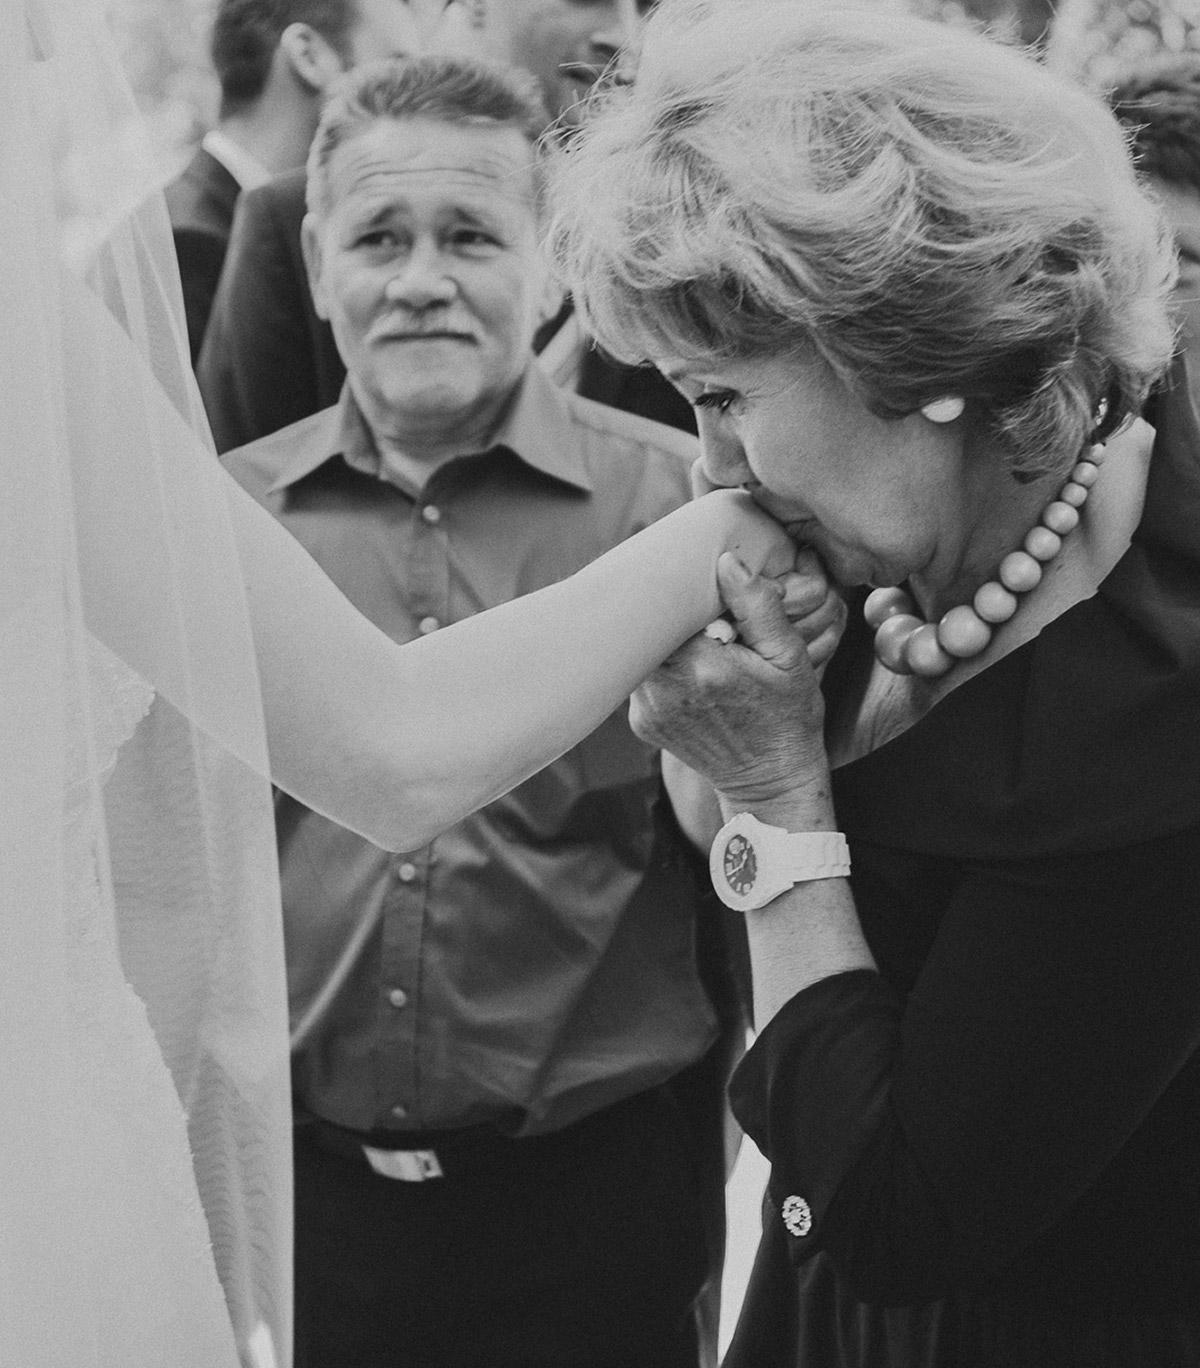 Hochzeitsreportage-Foto von Gratulation der Hochzeitsgäste nach der Trauung in St. Sebastian Kirche Berlin © Hochzeitsfotograf Berlin www.hochzeitslicht.de